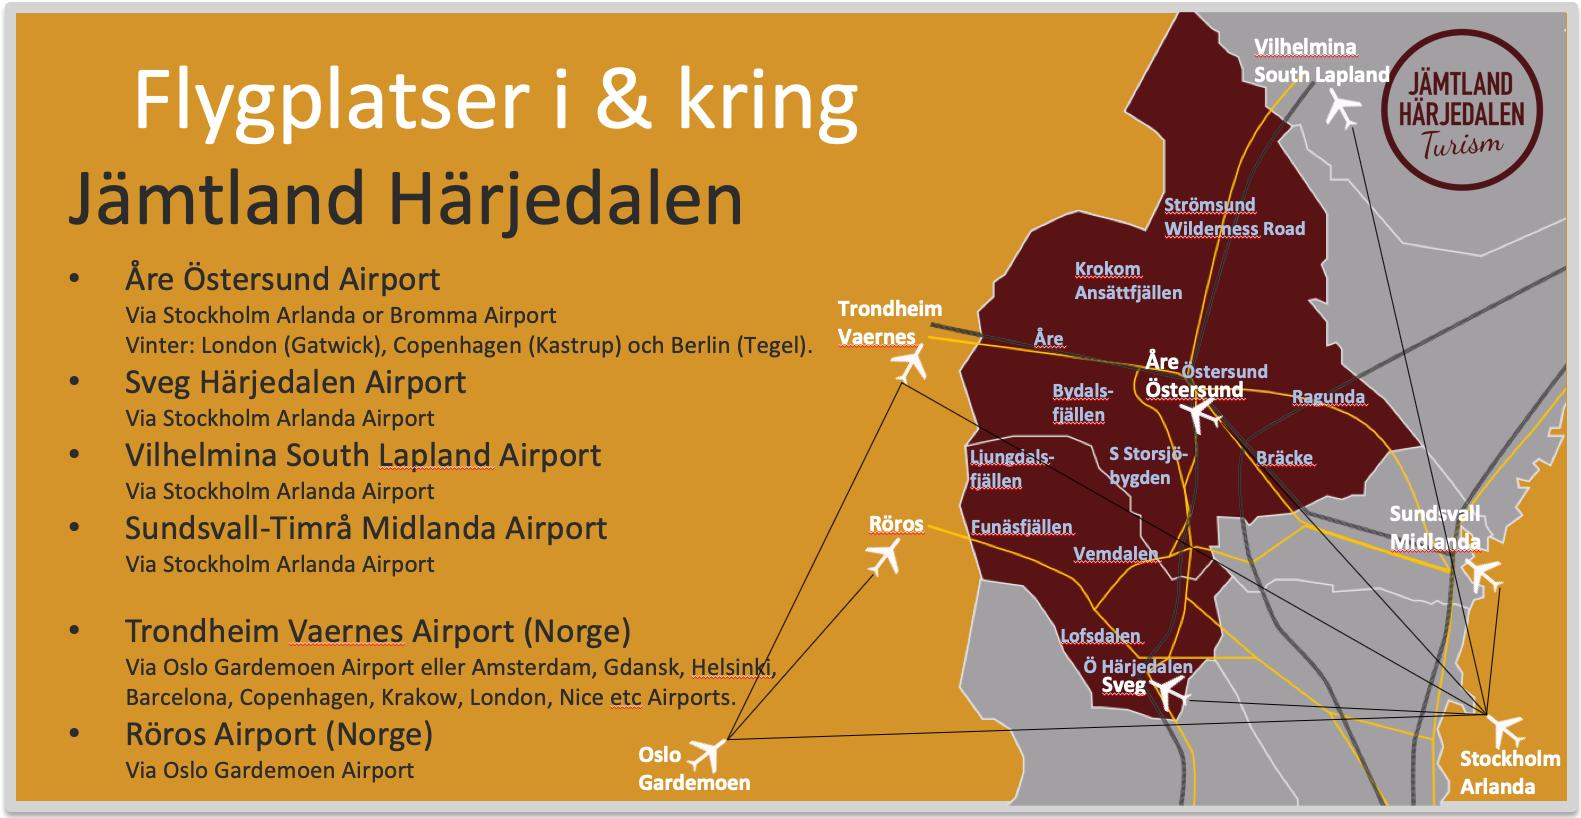 Flygplatser Jämtland Härjedalen Adventure Sweden